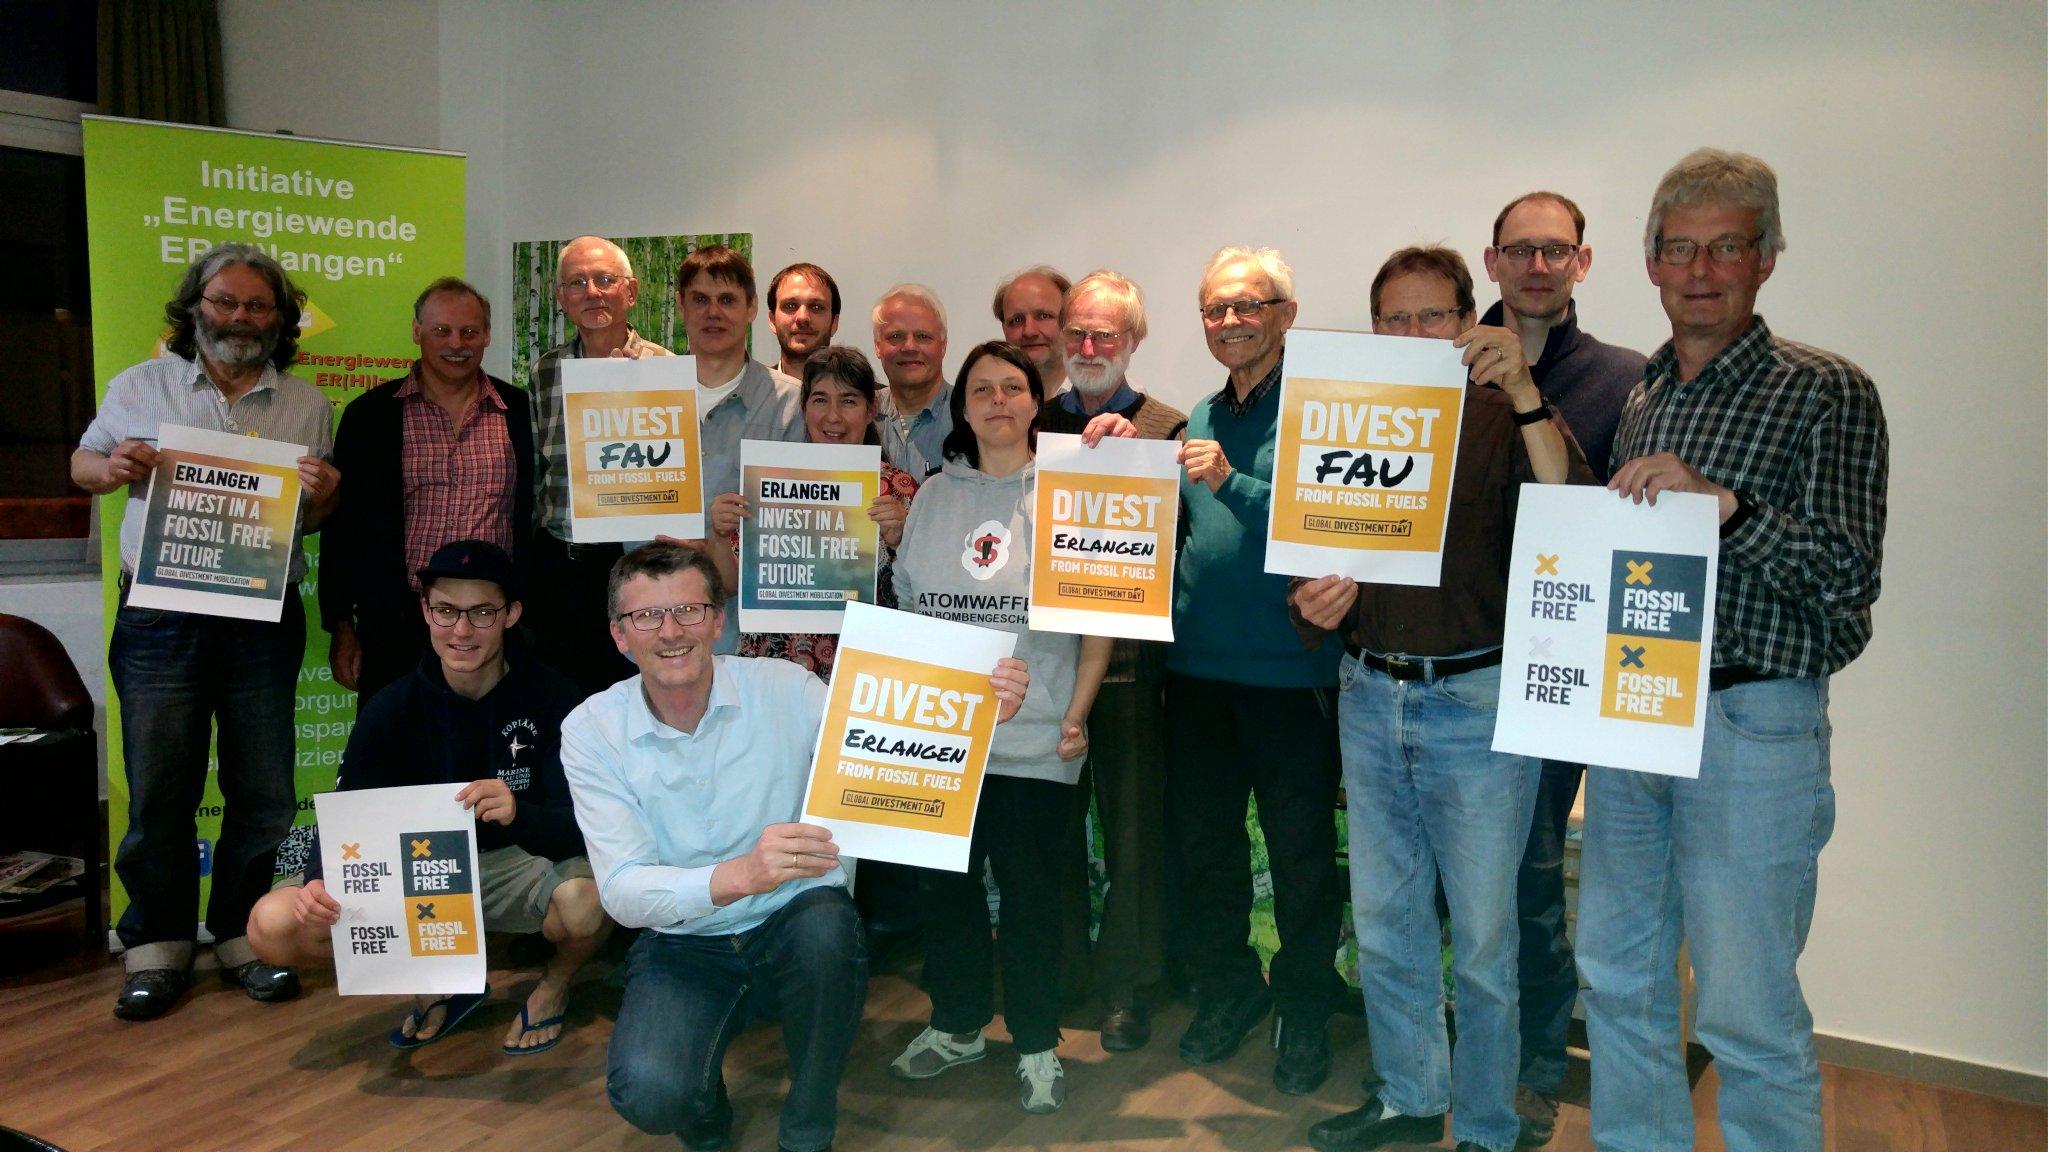 Ein toller Abend in #Erlangen zur Globalen #Divestment Mobilisierung. Auch dort bald kein Geld mehr für Kohle, Öl und Gas. #FossilFree https://t.co/yyu2kZ5s0J